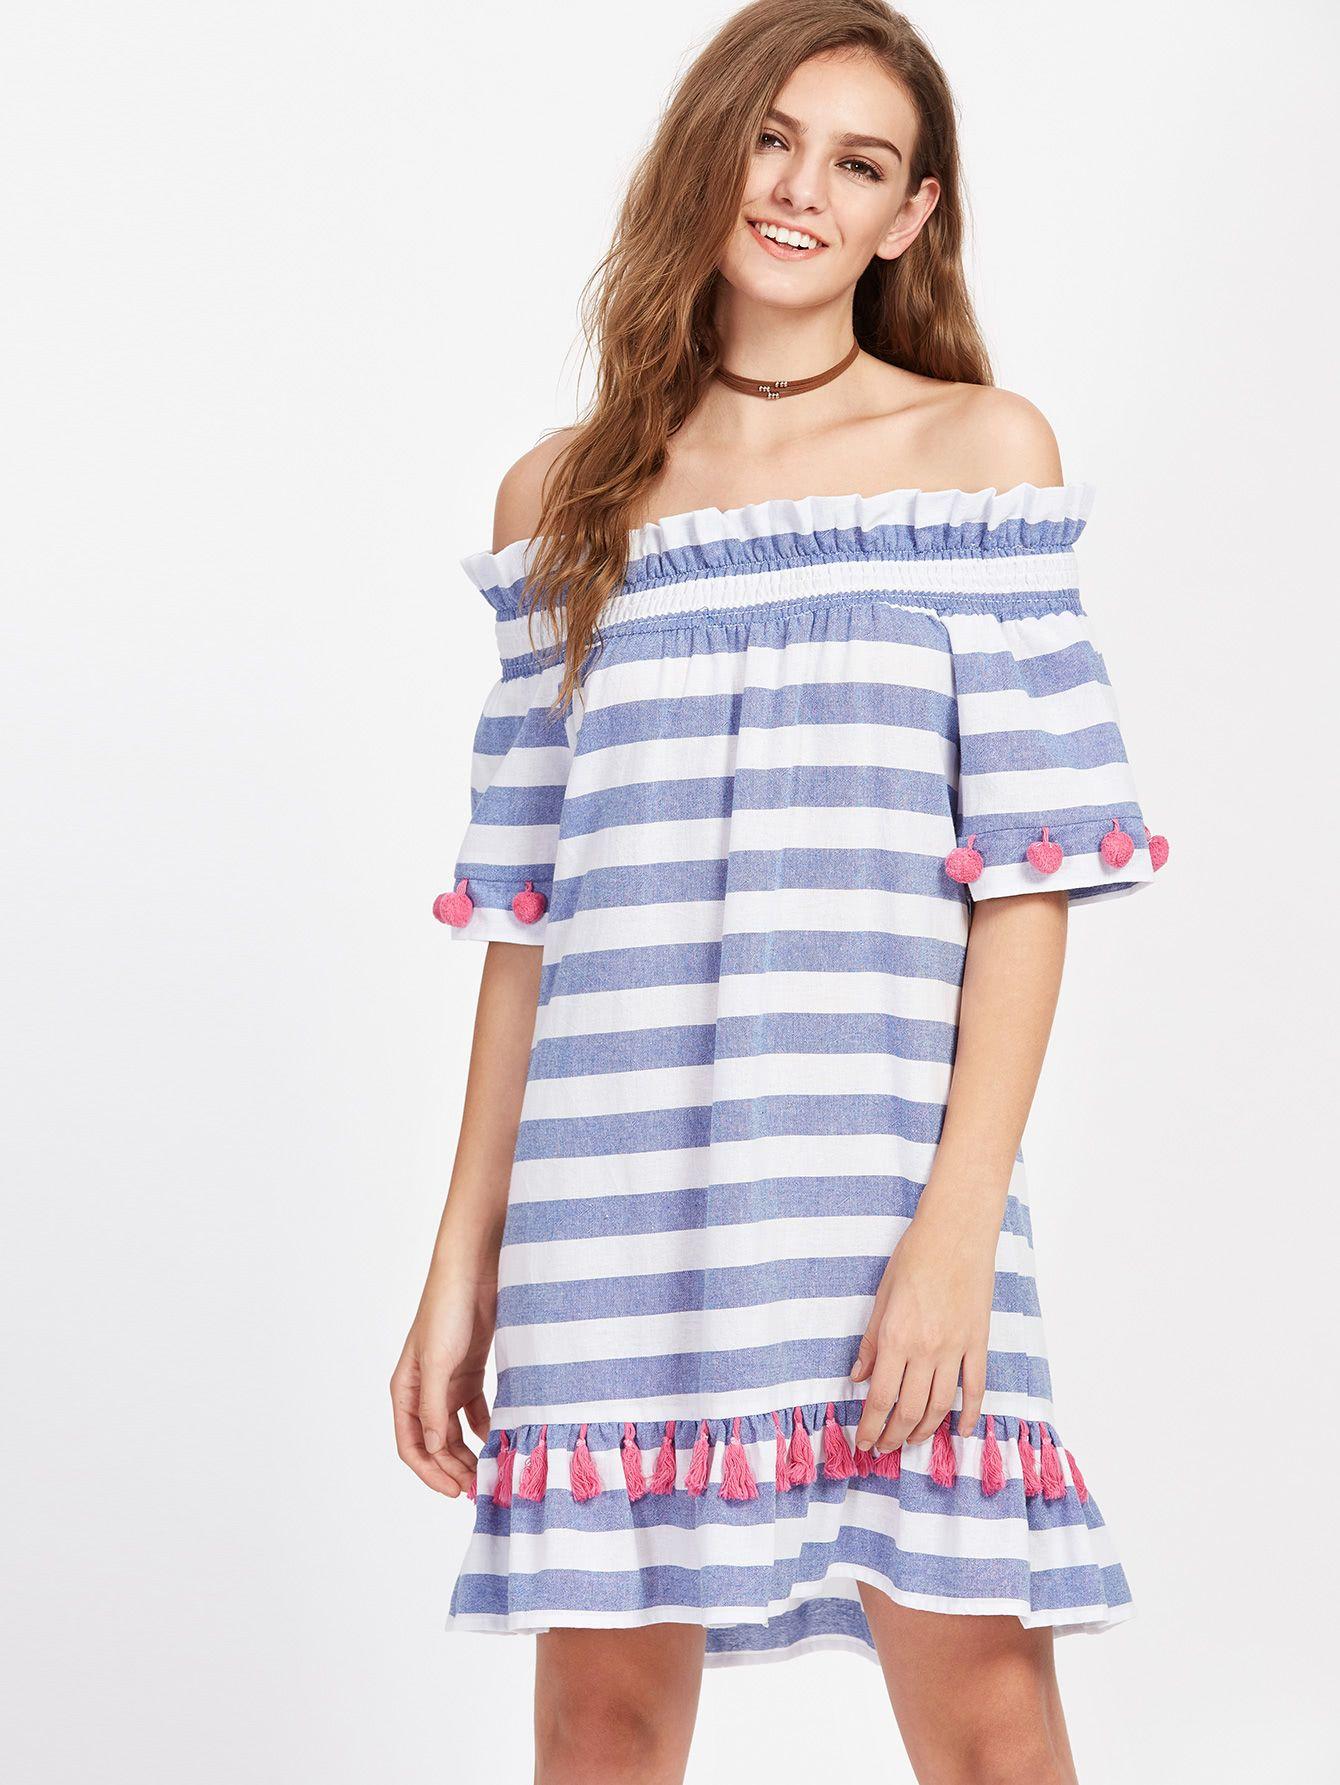 6cba482b7e Shop Shirred Off Shoulder Pom Pom And Tassel Embellished Striped Dress  online. SheIn offers Shirred Off Shoulder Pom Pom And Tassel Embellished  Striped ...